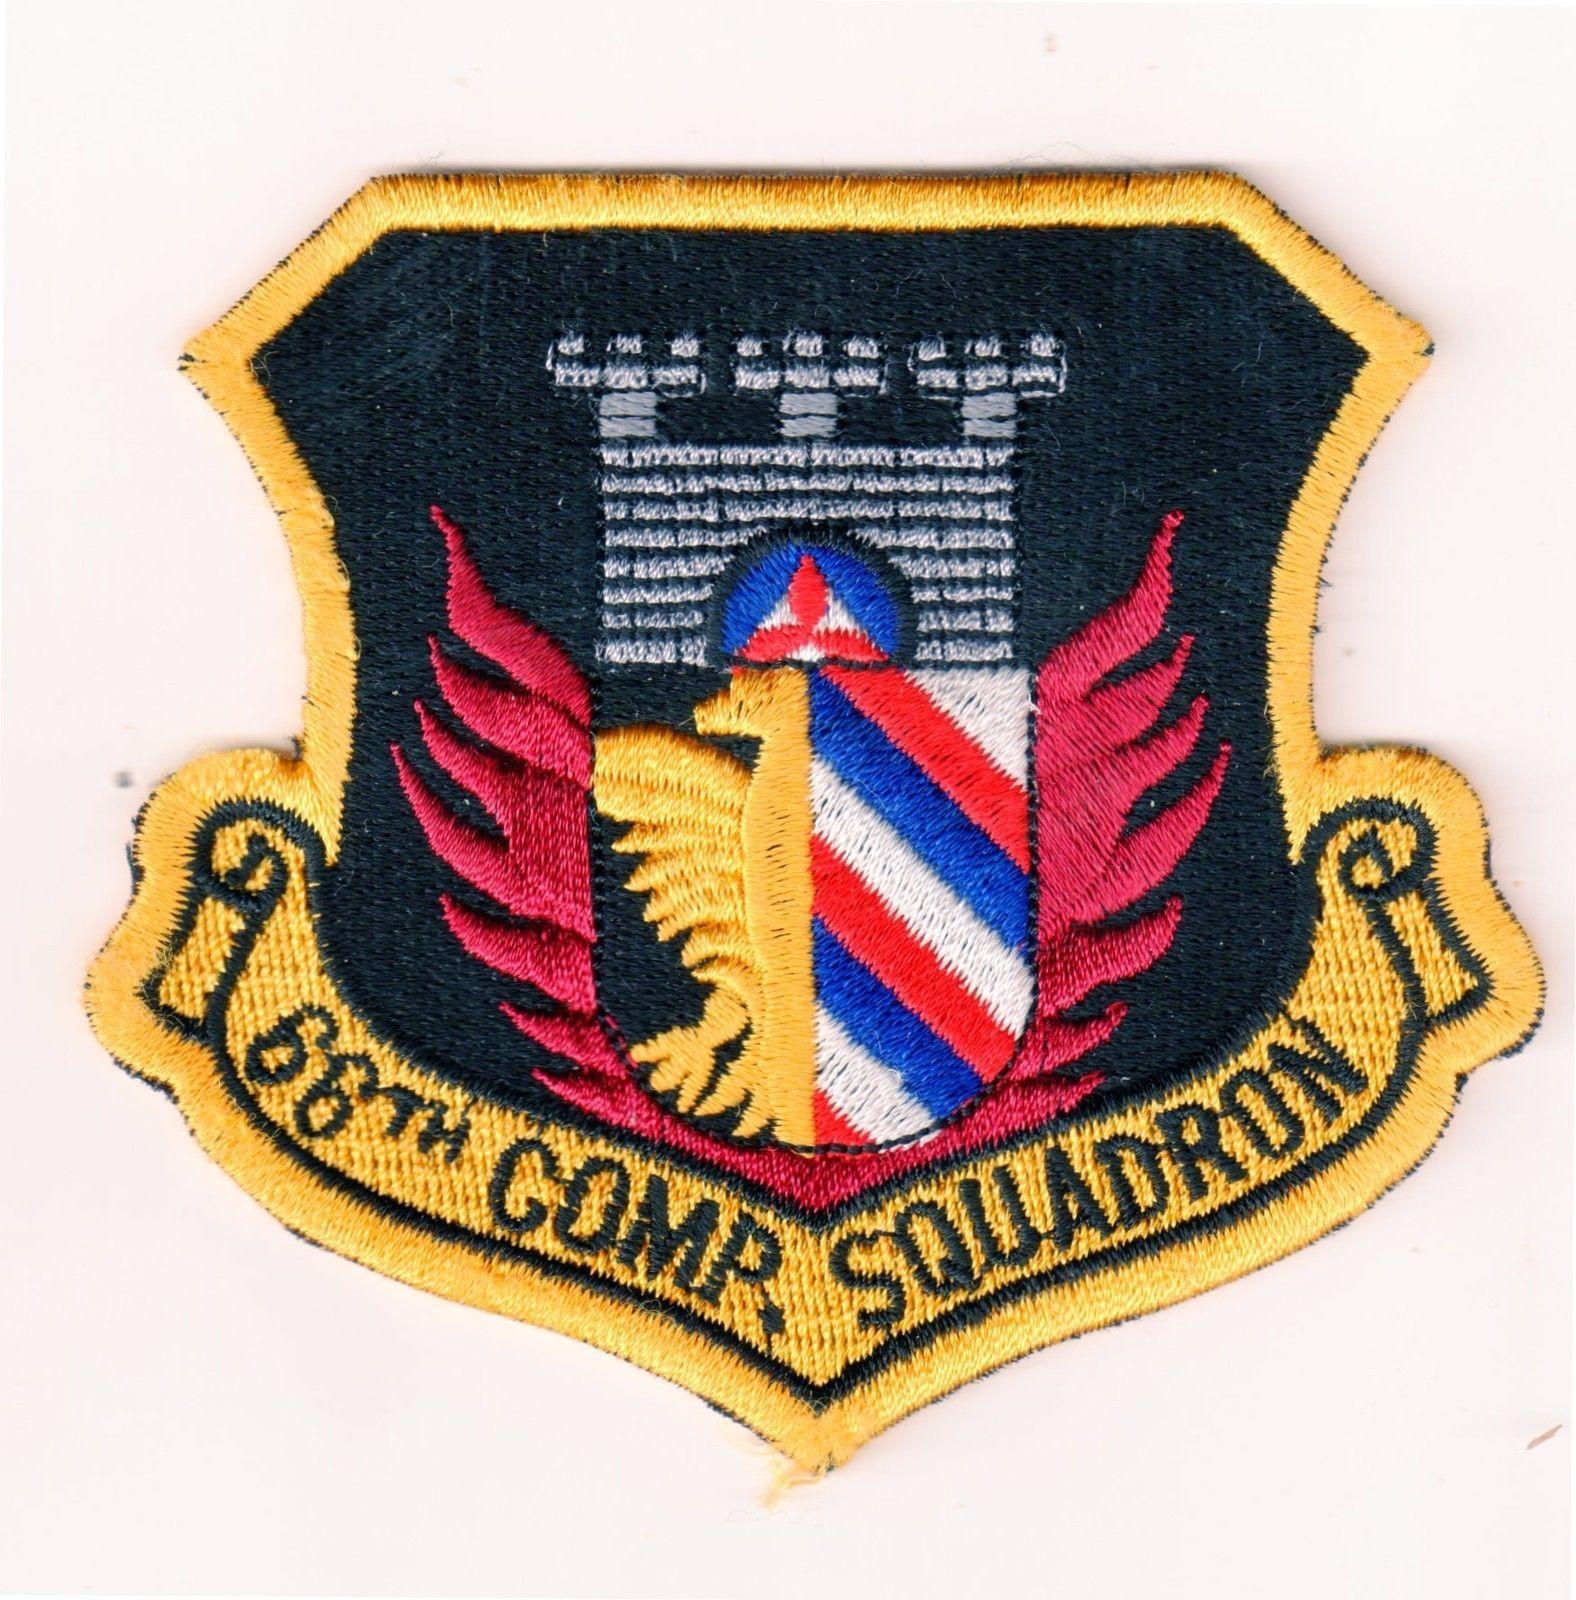 66th Composite Squadron Civil air patrol, Patches, Emblems